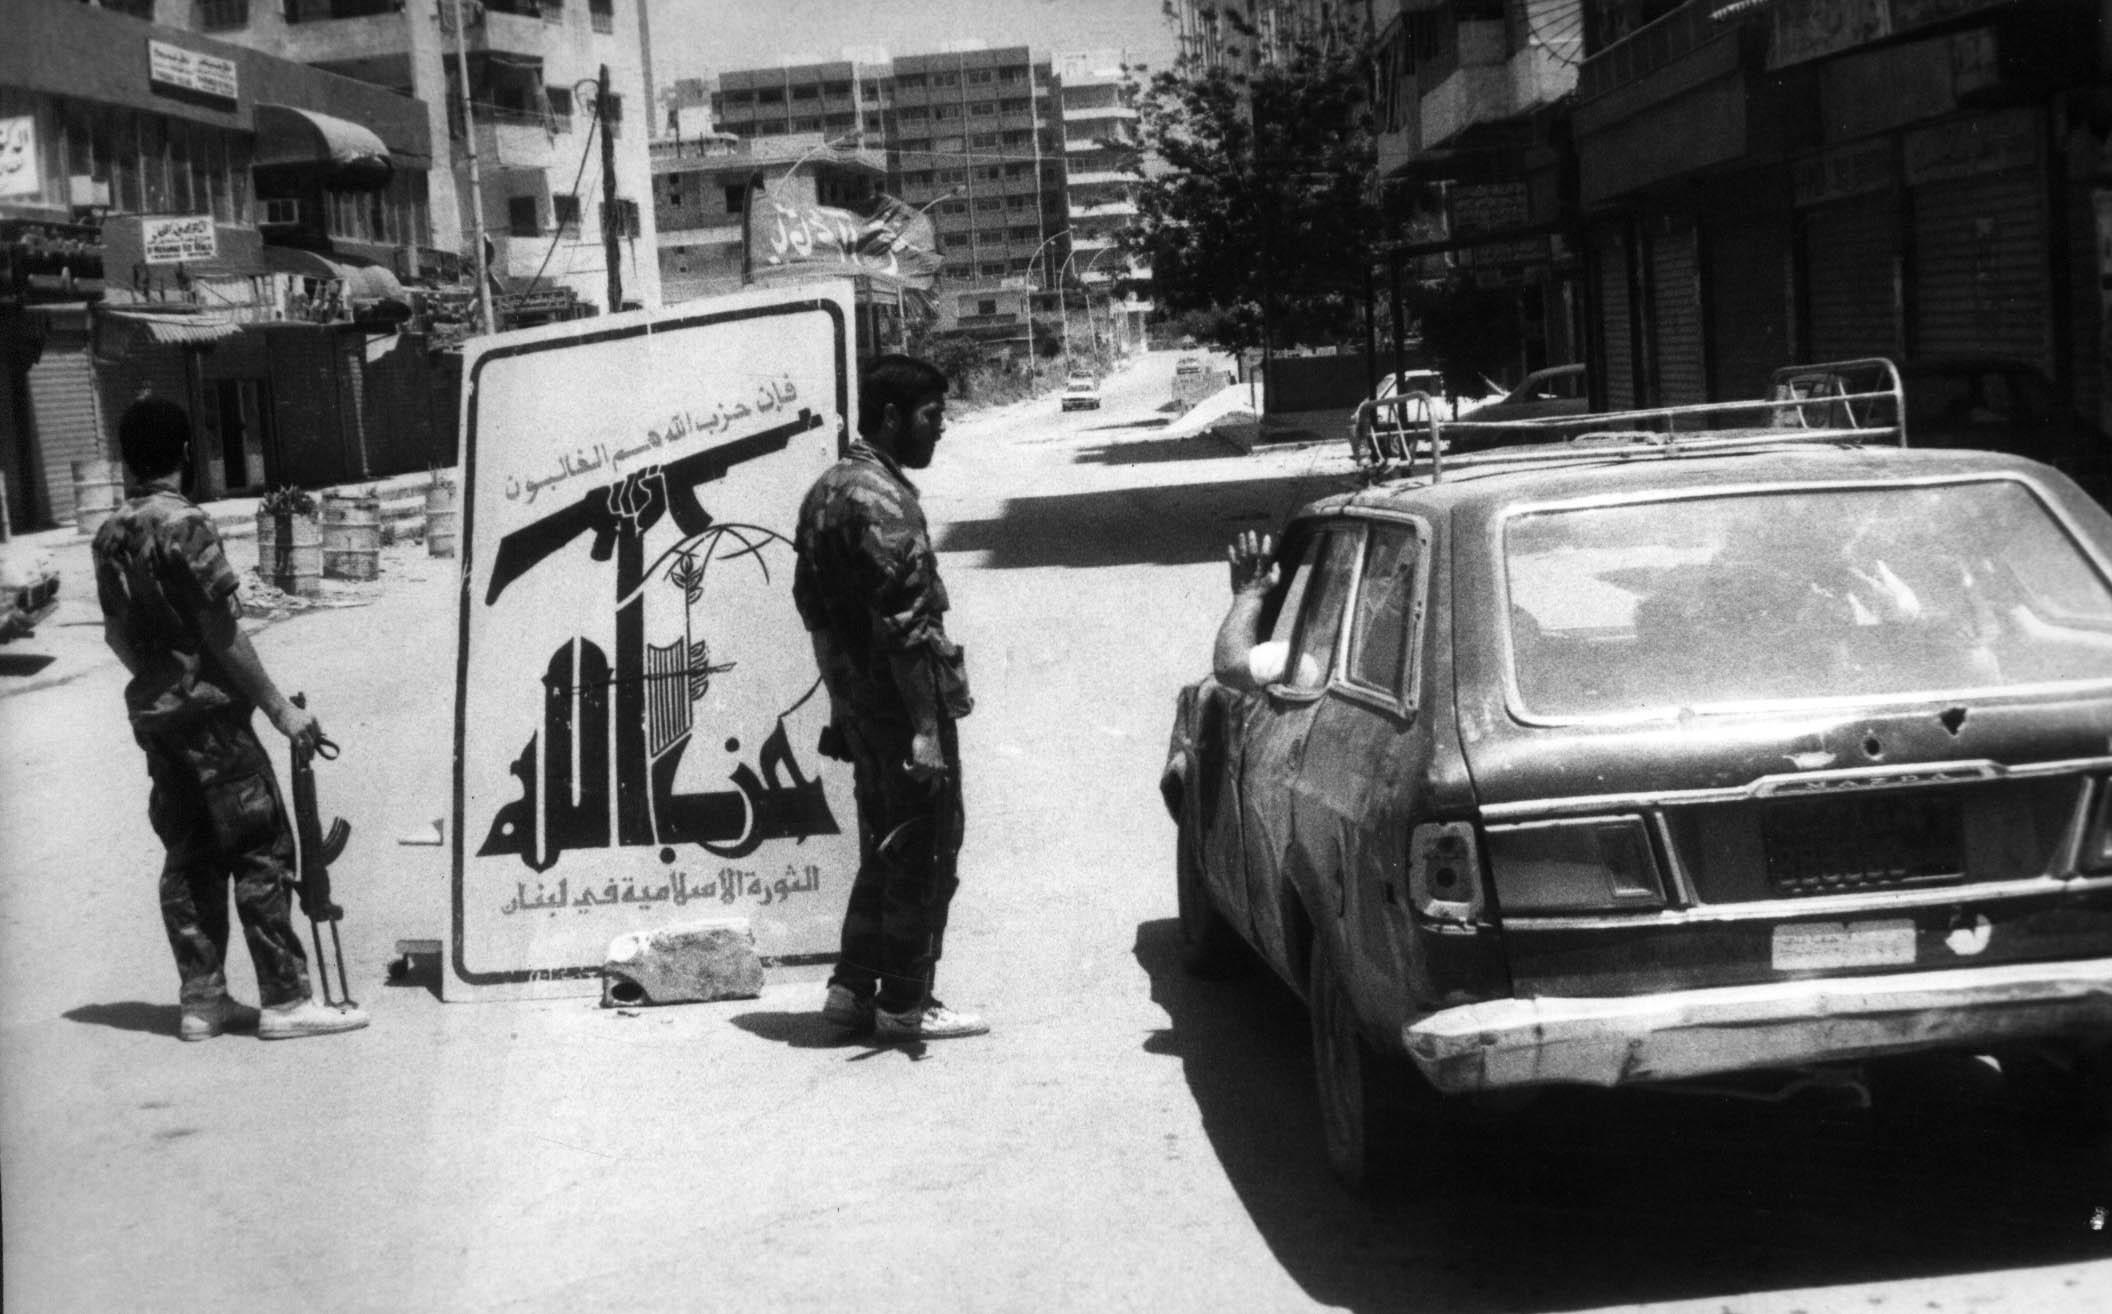 عندما وطئت أرجل قوة القدس أرض البقاع اللبنانيّ!